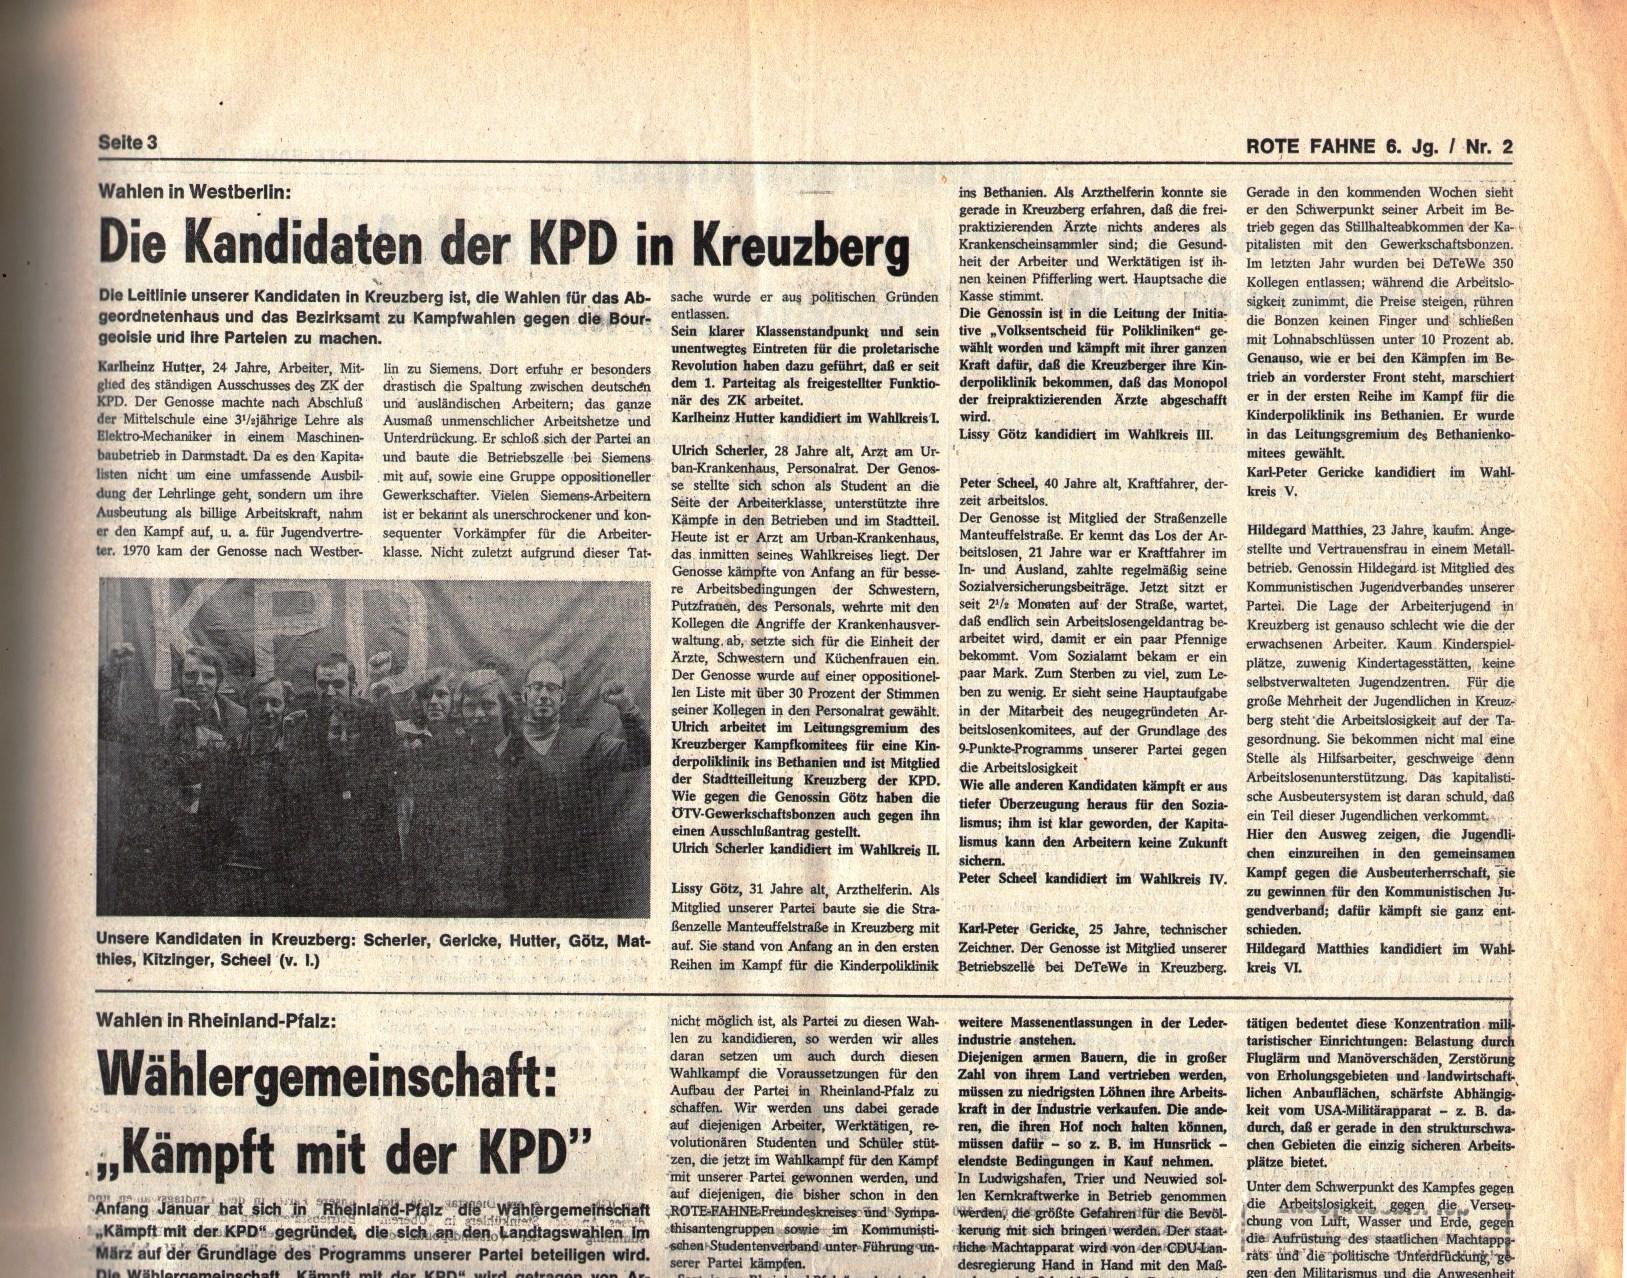 KPD_Rote_Fahne_1975_02_05